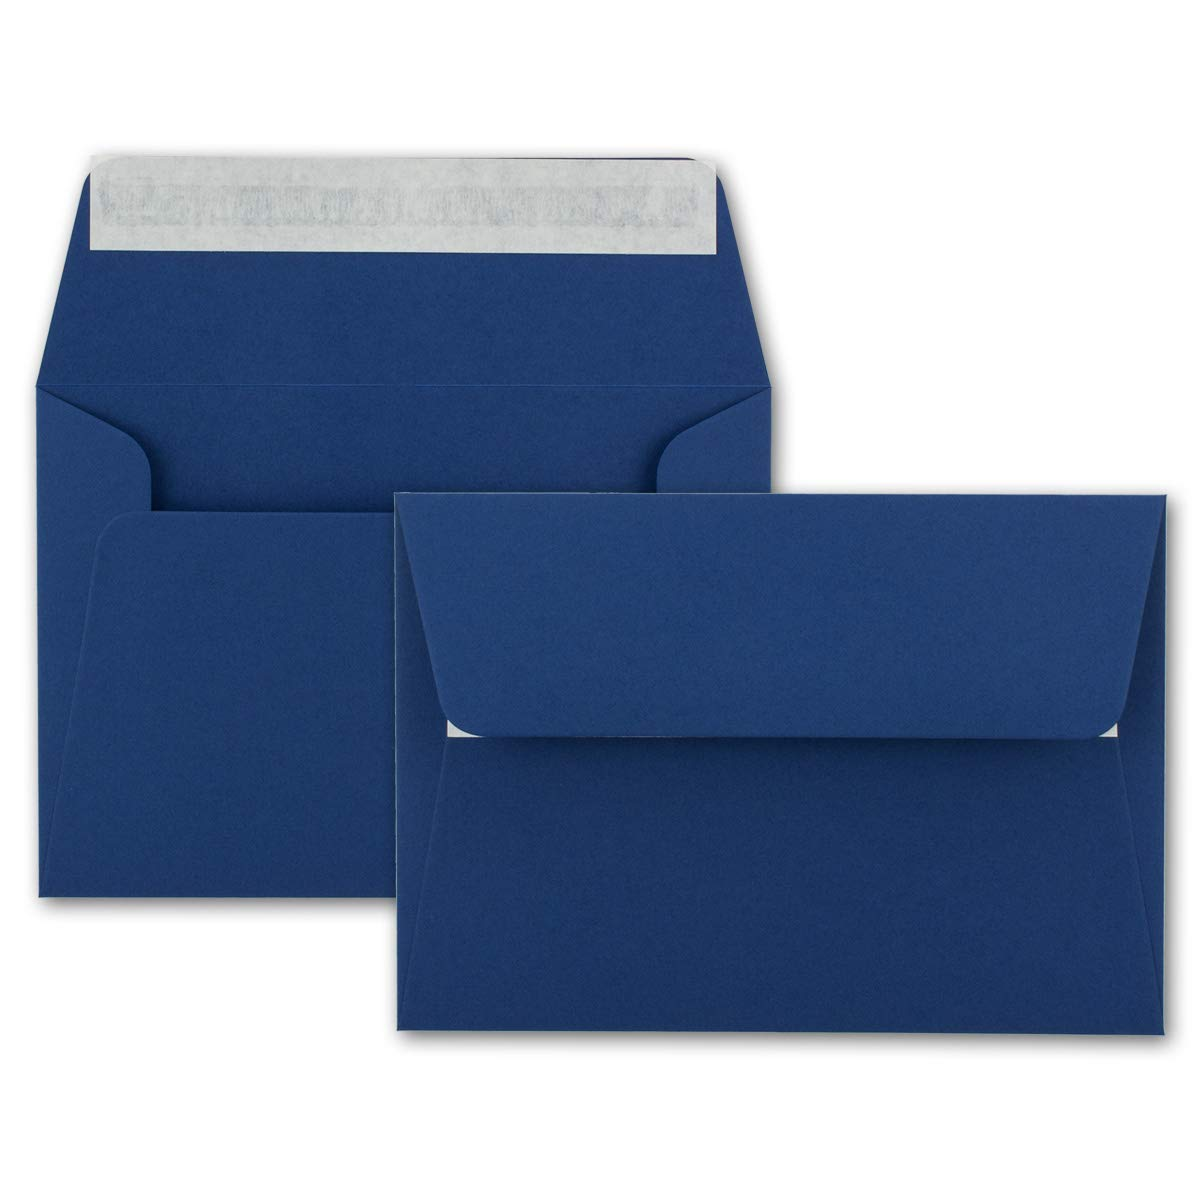 200x Brief-Umschläge B6 - Naturweiss - 12,5 x 17,5 17,5 17,5 cm - Haftklebung 120 g m² - breite edle Verschluss-Lasche - hochwertige Einladungs-Umschläge B078HP3BPH | Economy  86ed89